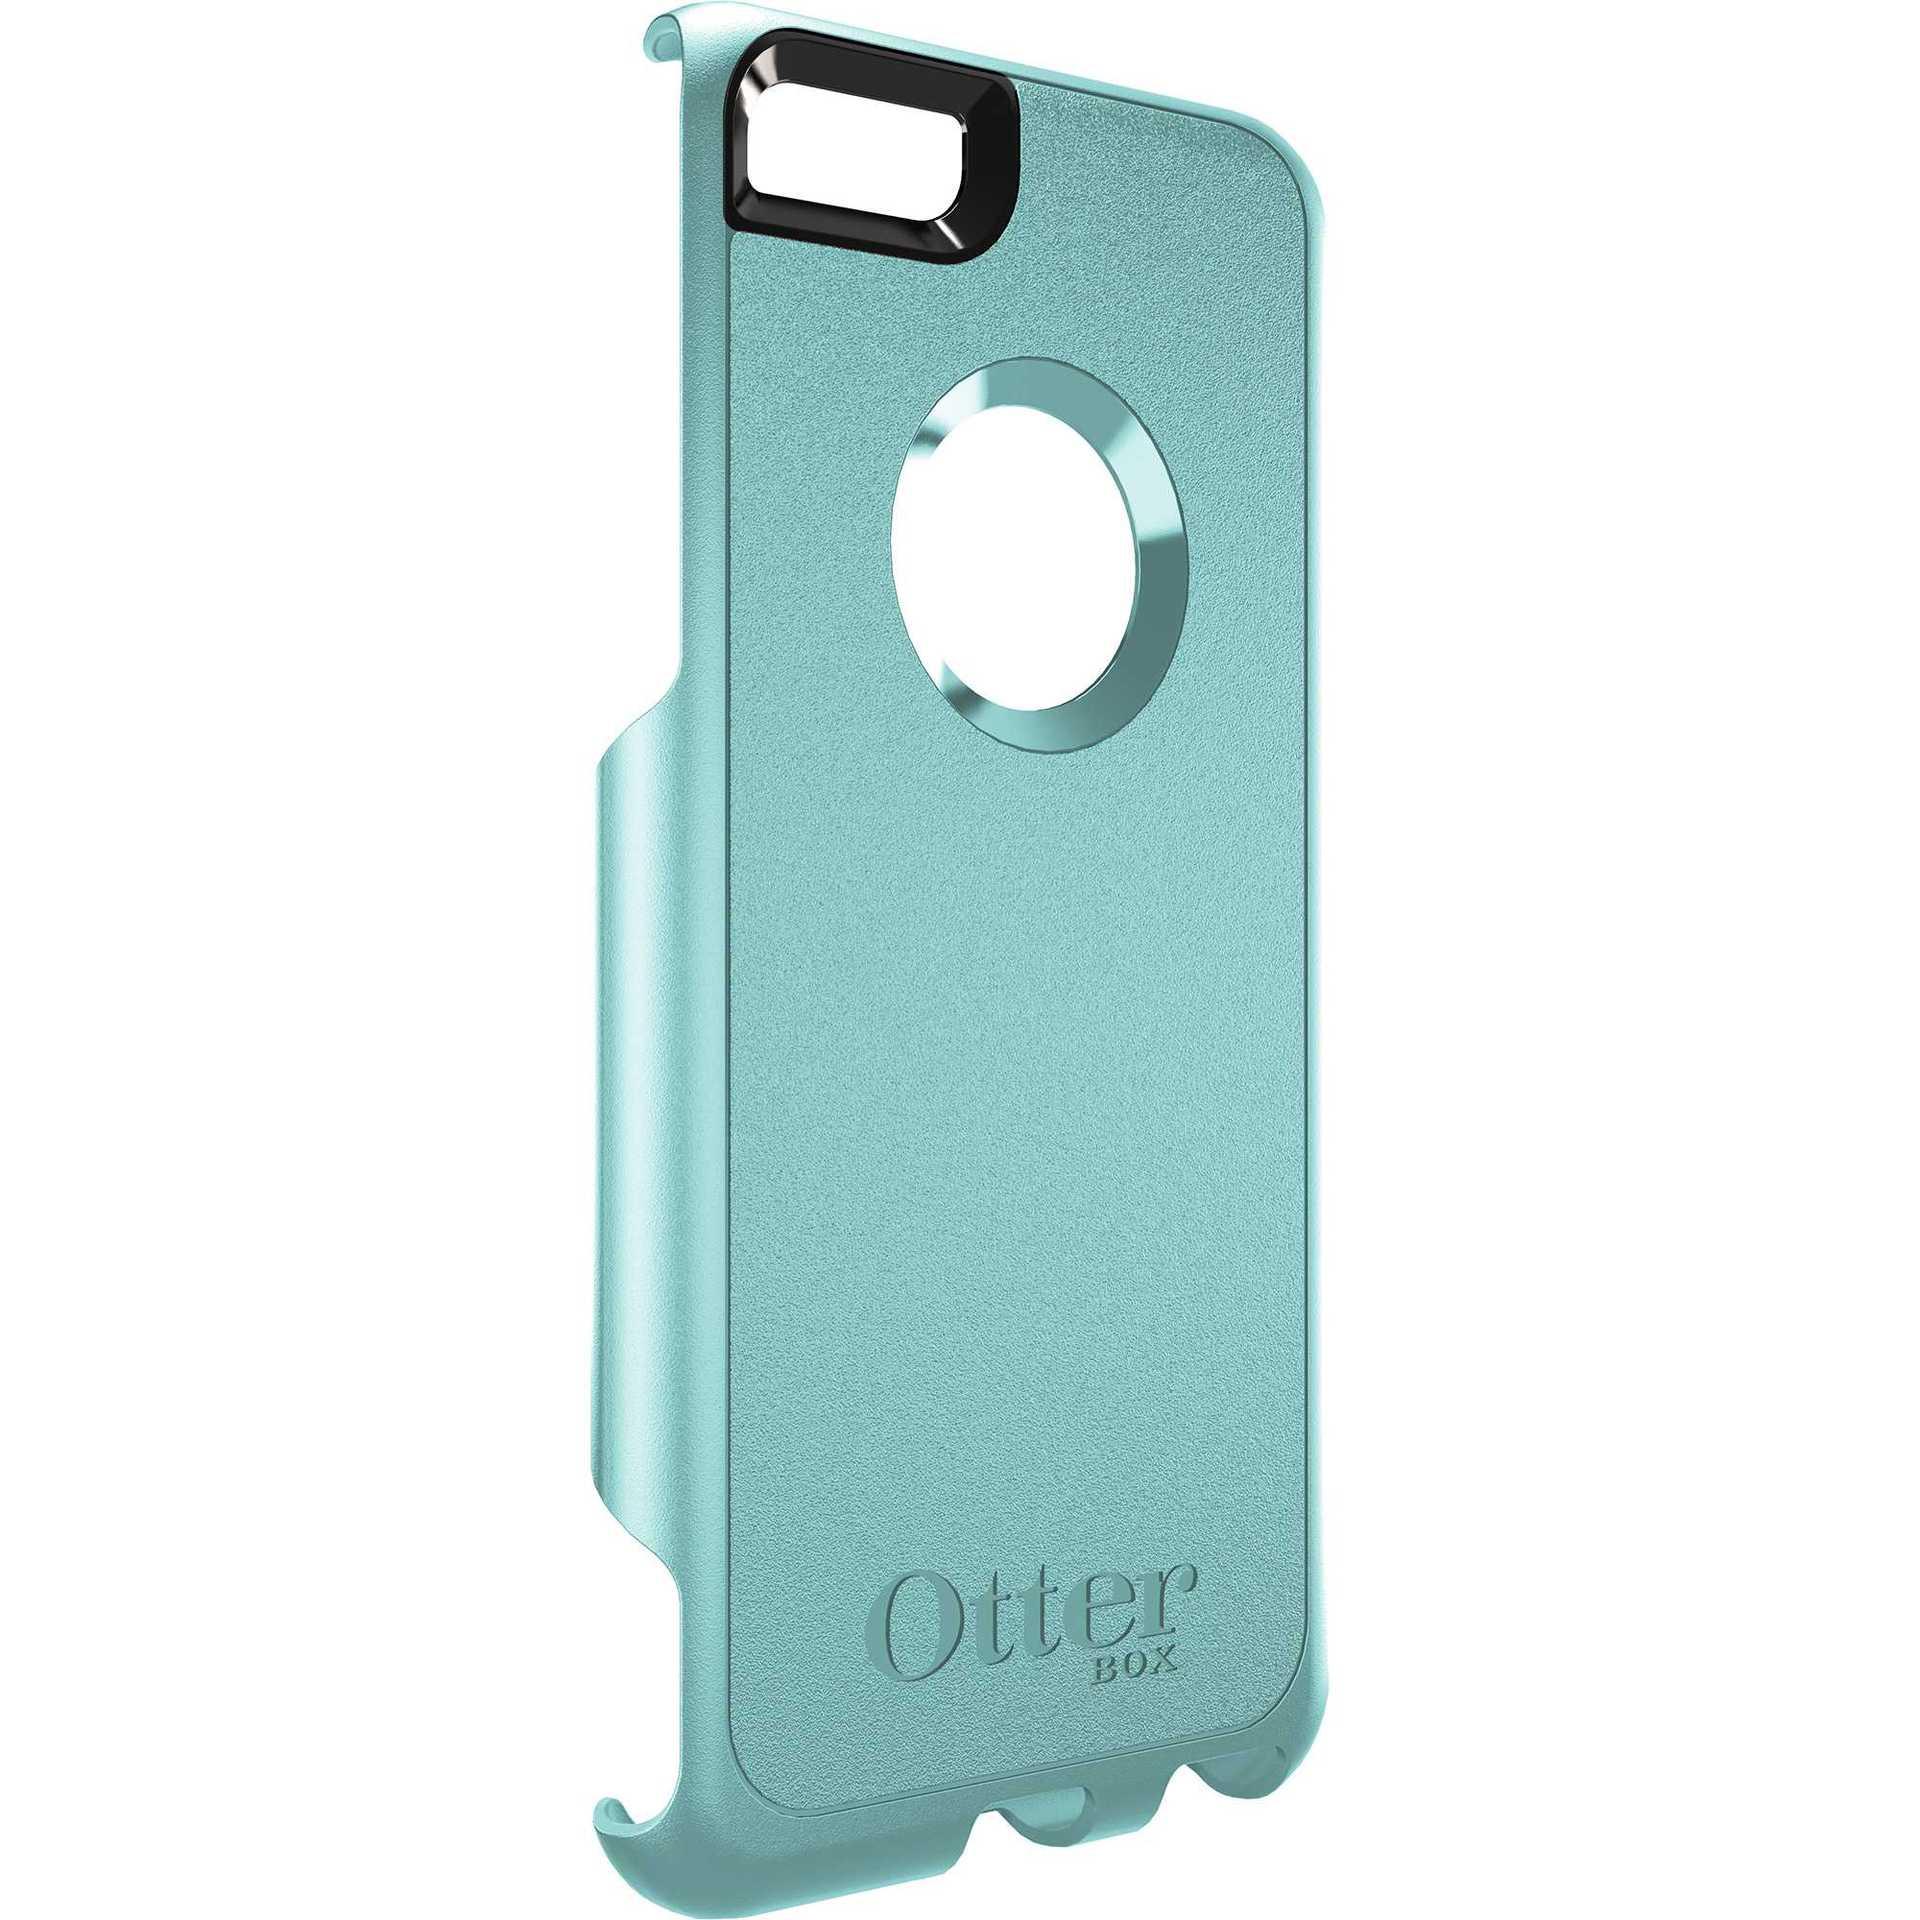 OtterBox: ecco le nuove custodie per iPhone 6 e per iPhone 6Plus